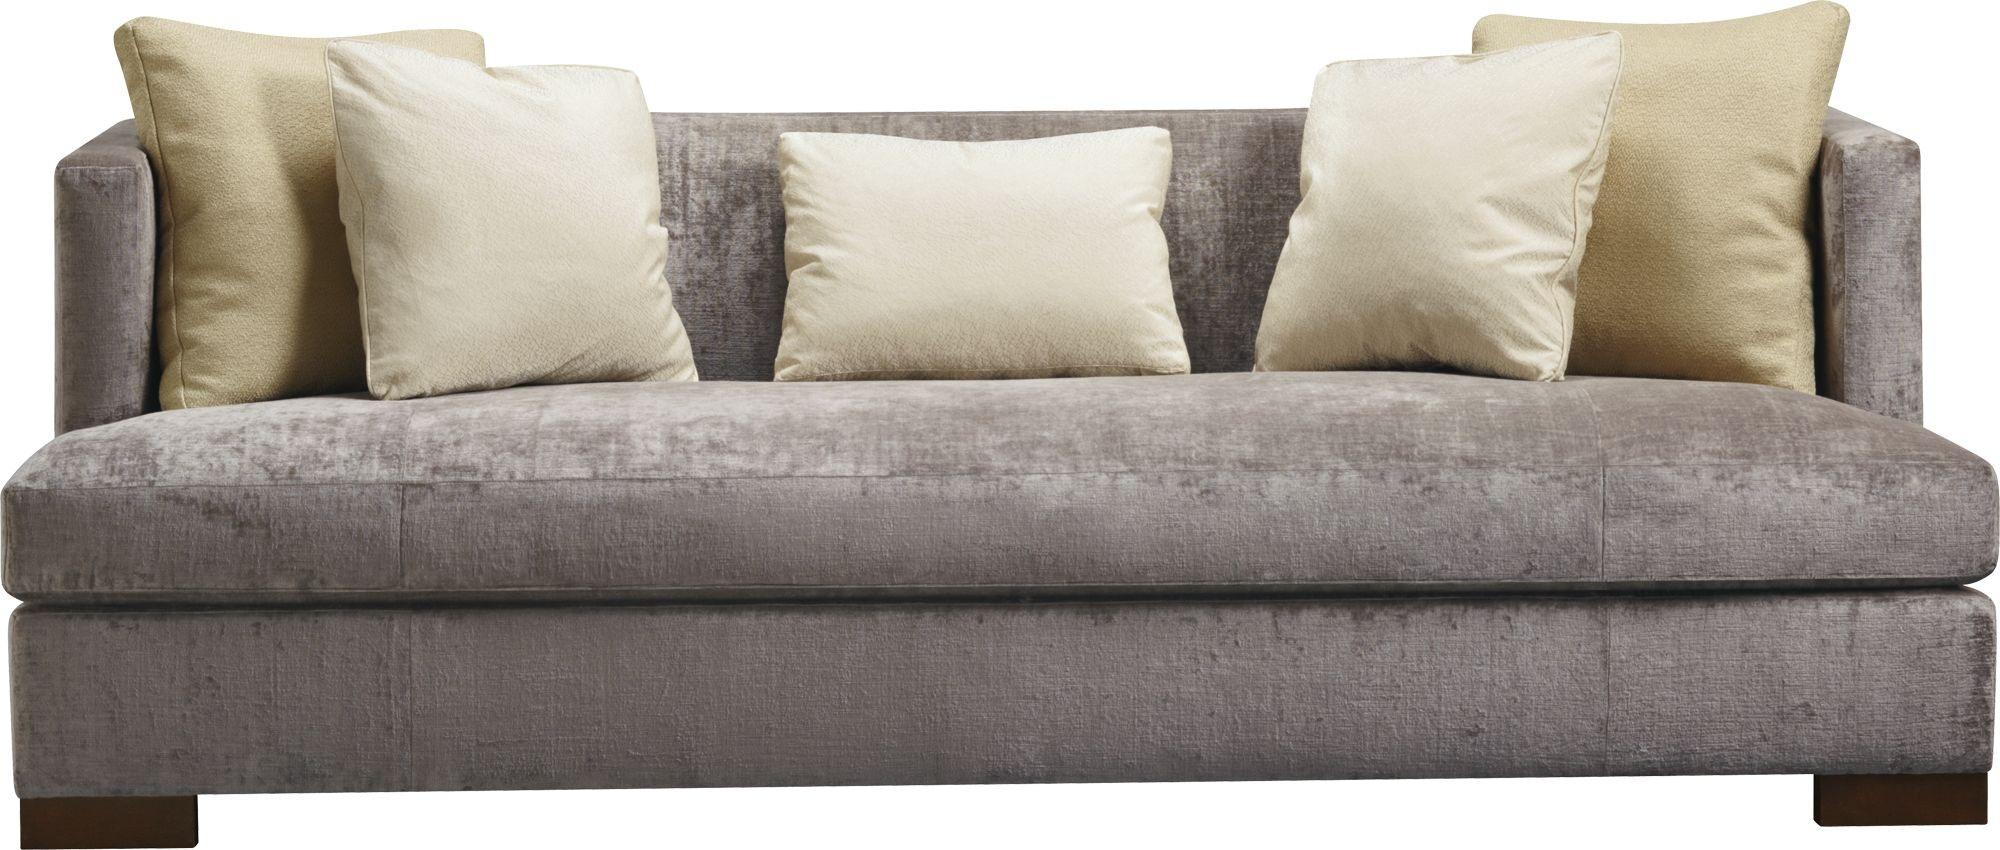 Baker Furniture Barbara Barry|Baker Designer Upholstery Social Scene Sofa  6703S